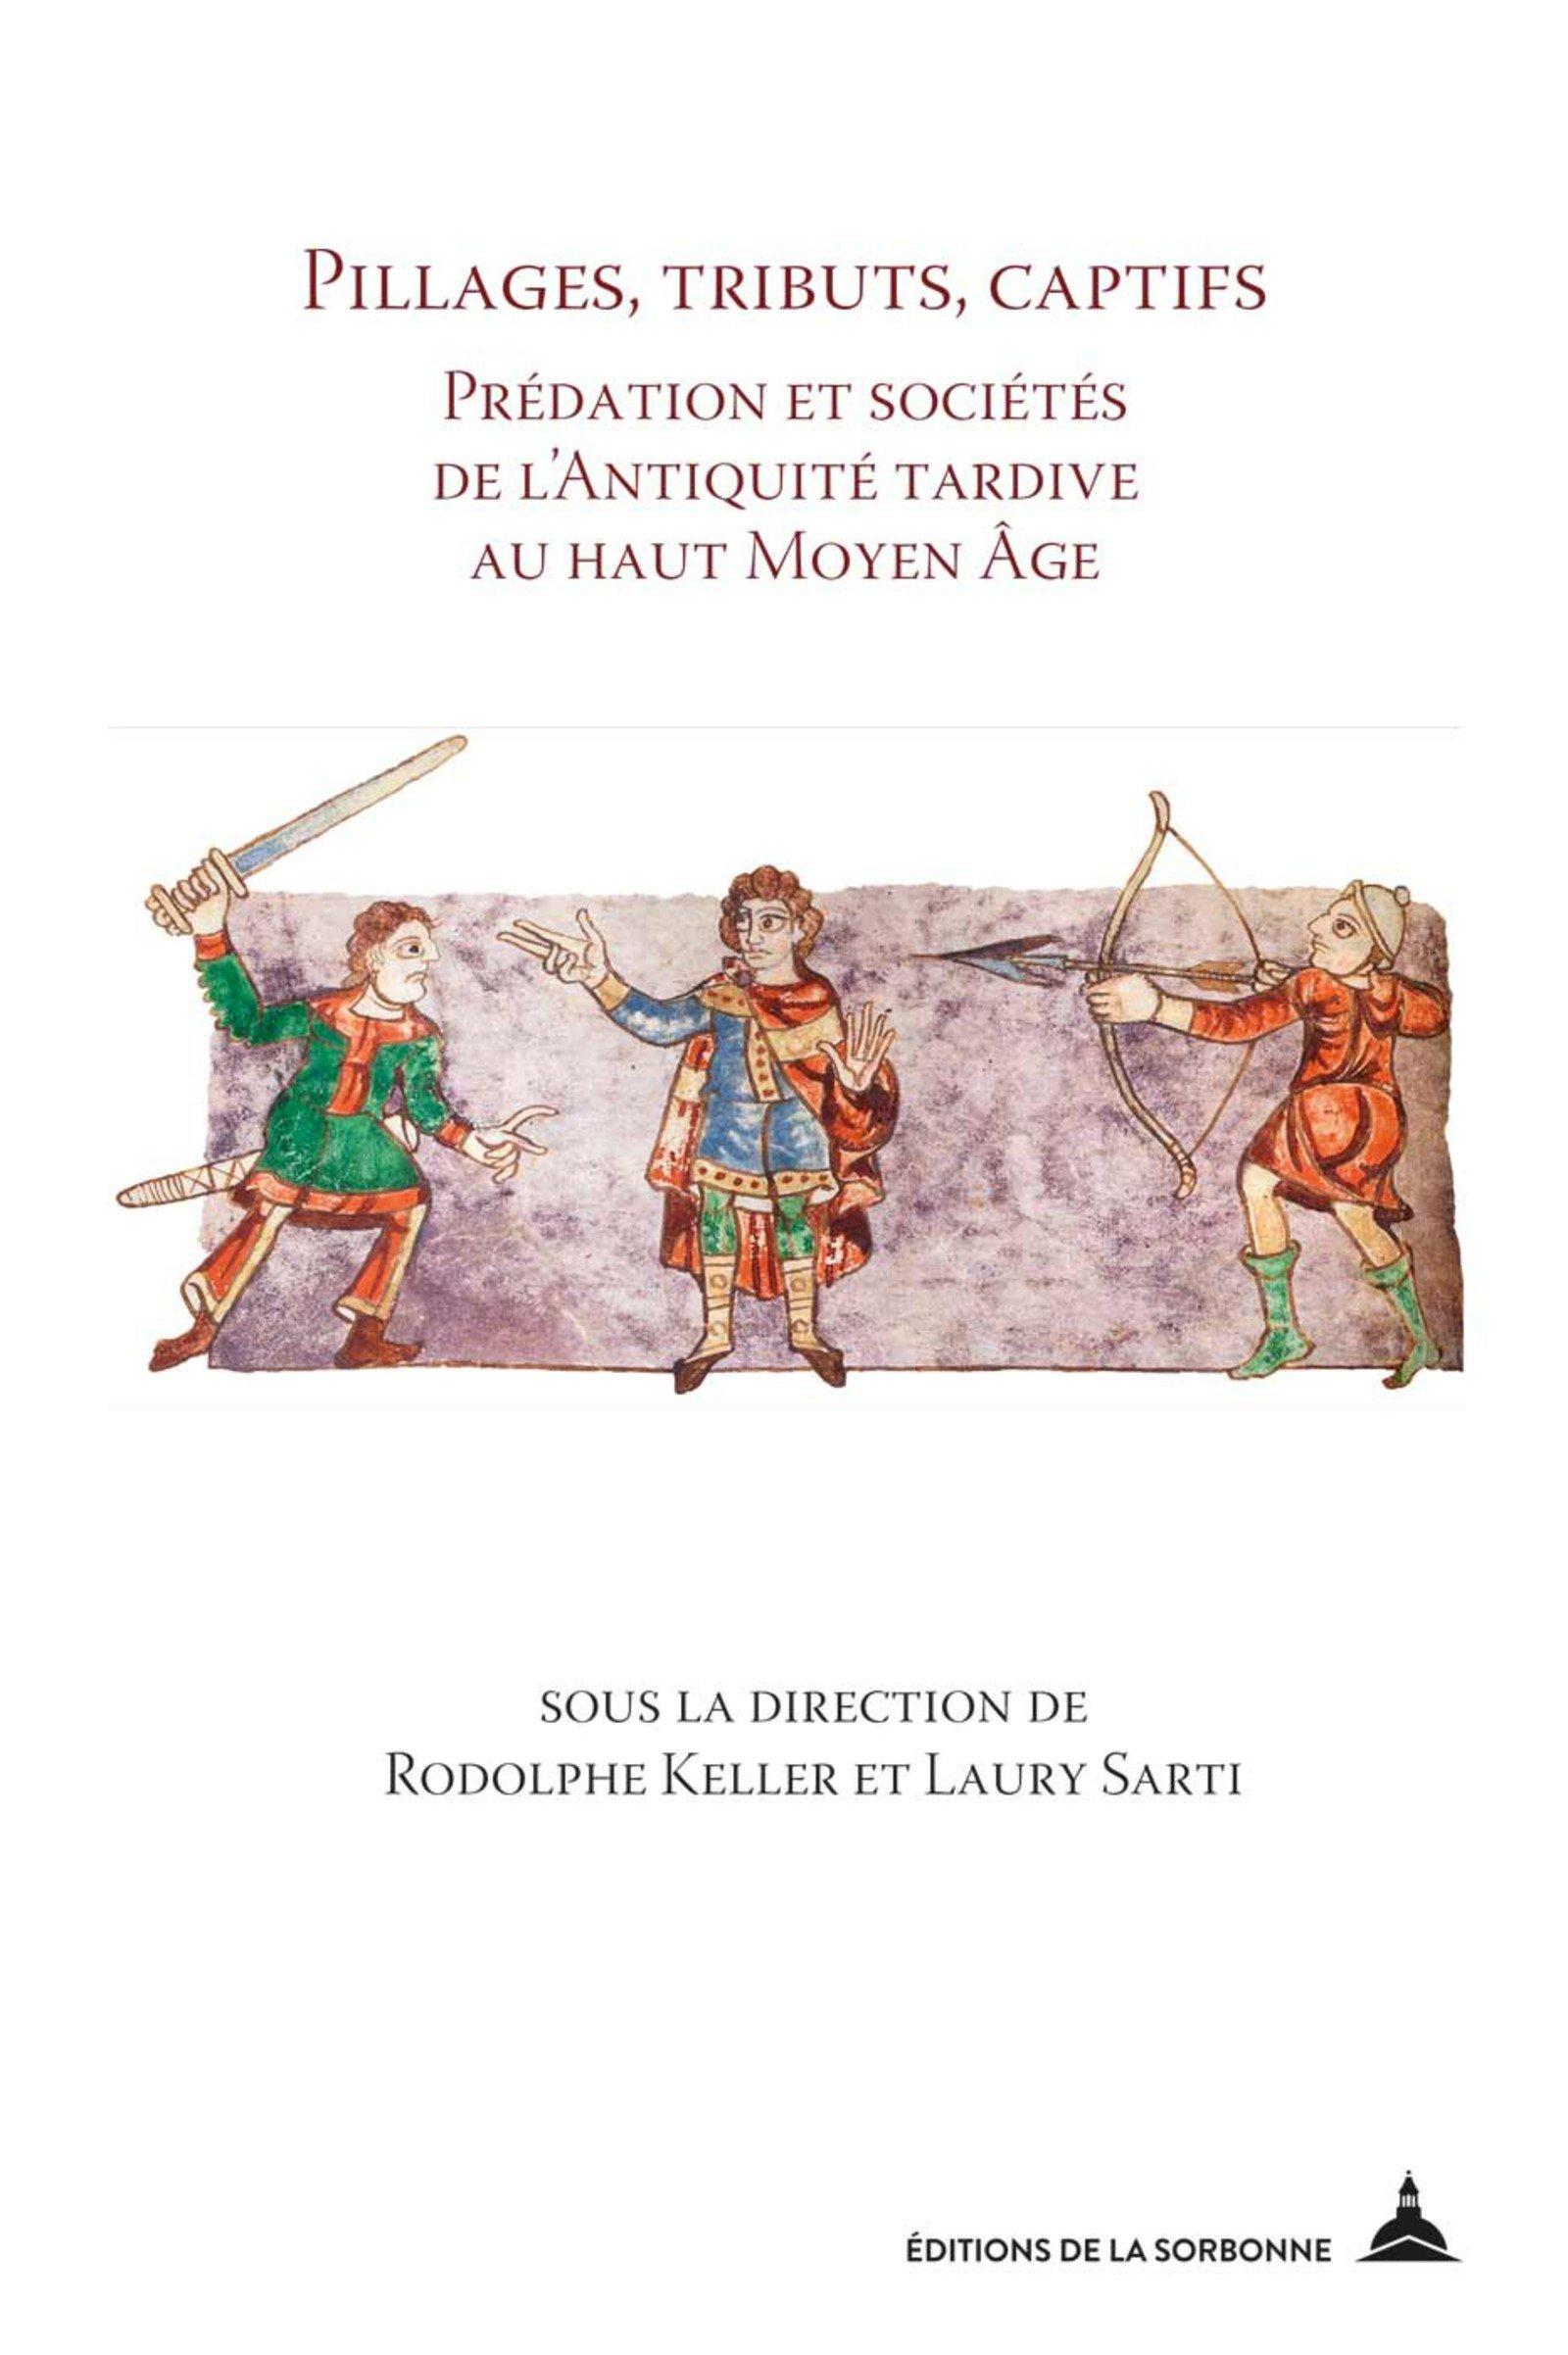 Bildergebnis für Pillages, tributs, captifs: prédation et sociétés de l'Antiquité tardive au haut Moyen Âge